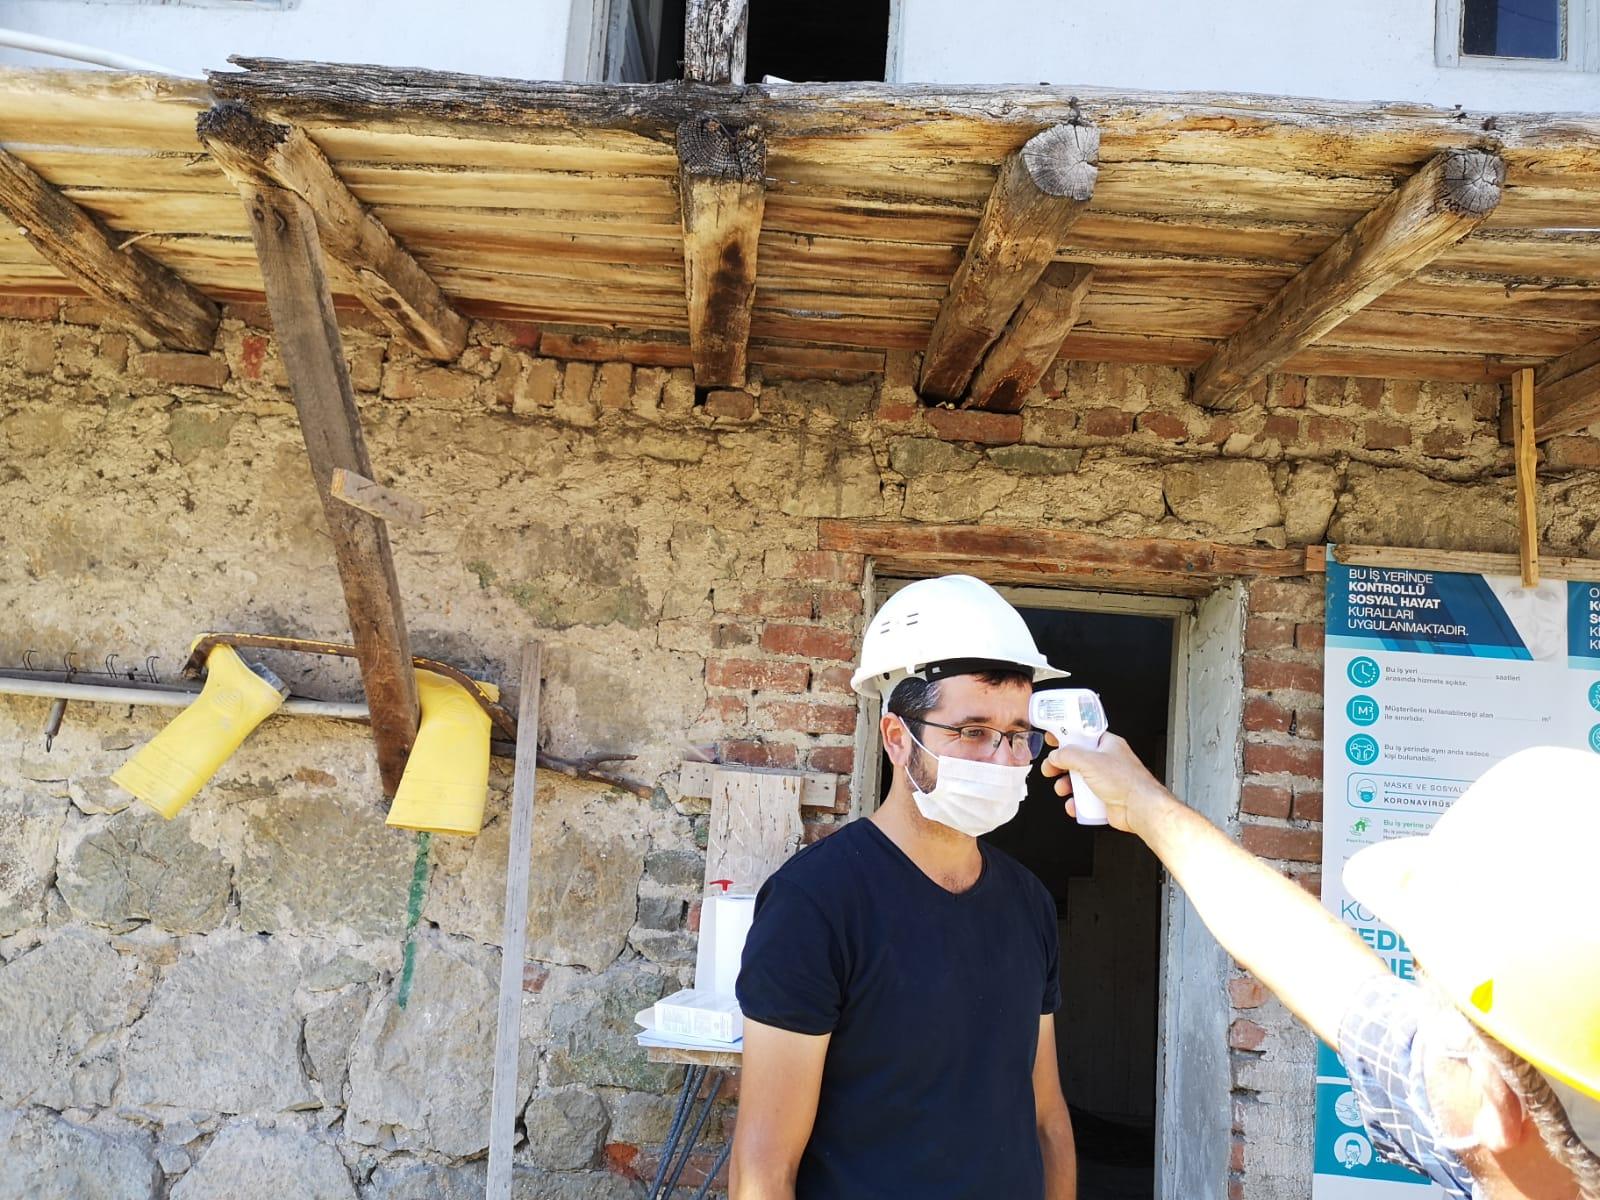 Şantiye, Maden Sahaları ve Tesisat İşyerlerine Yönelik Denetimler Devam Ediyor